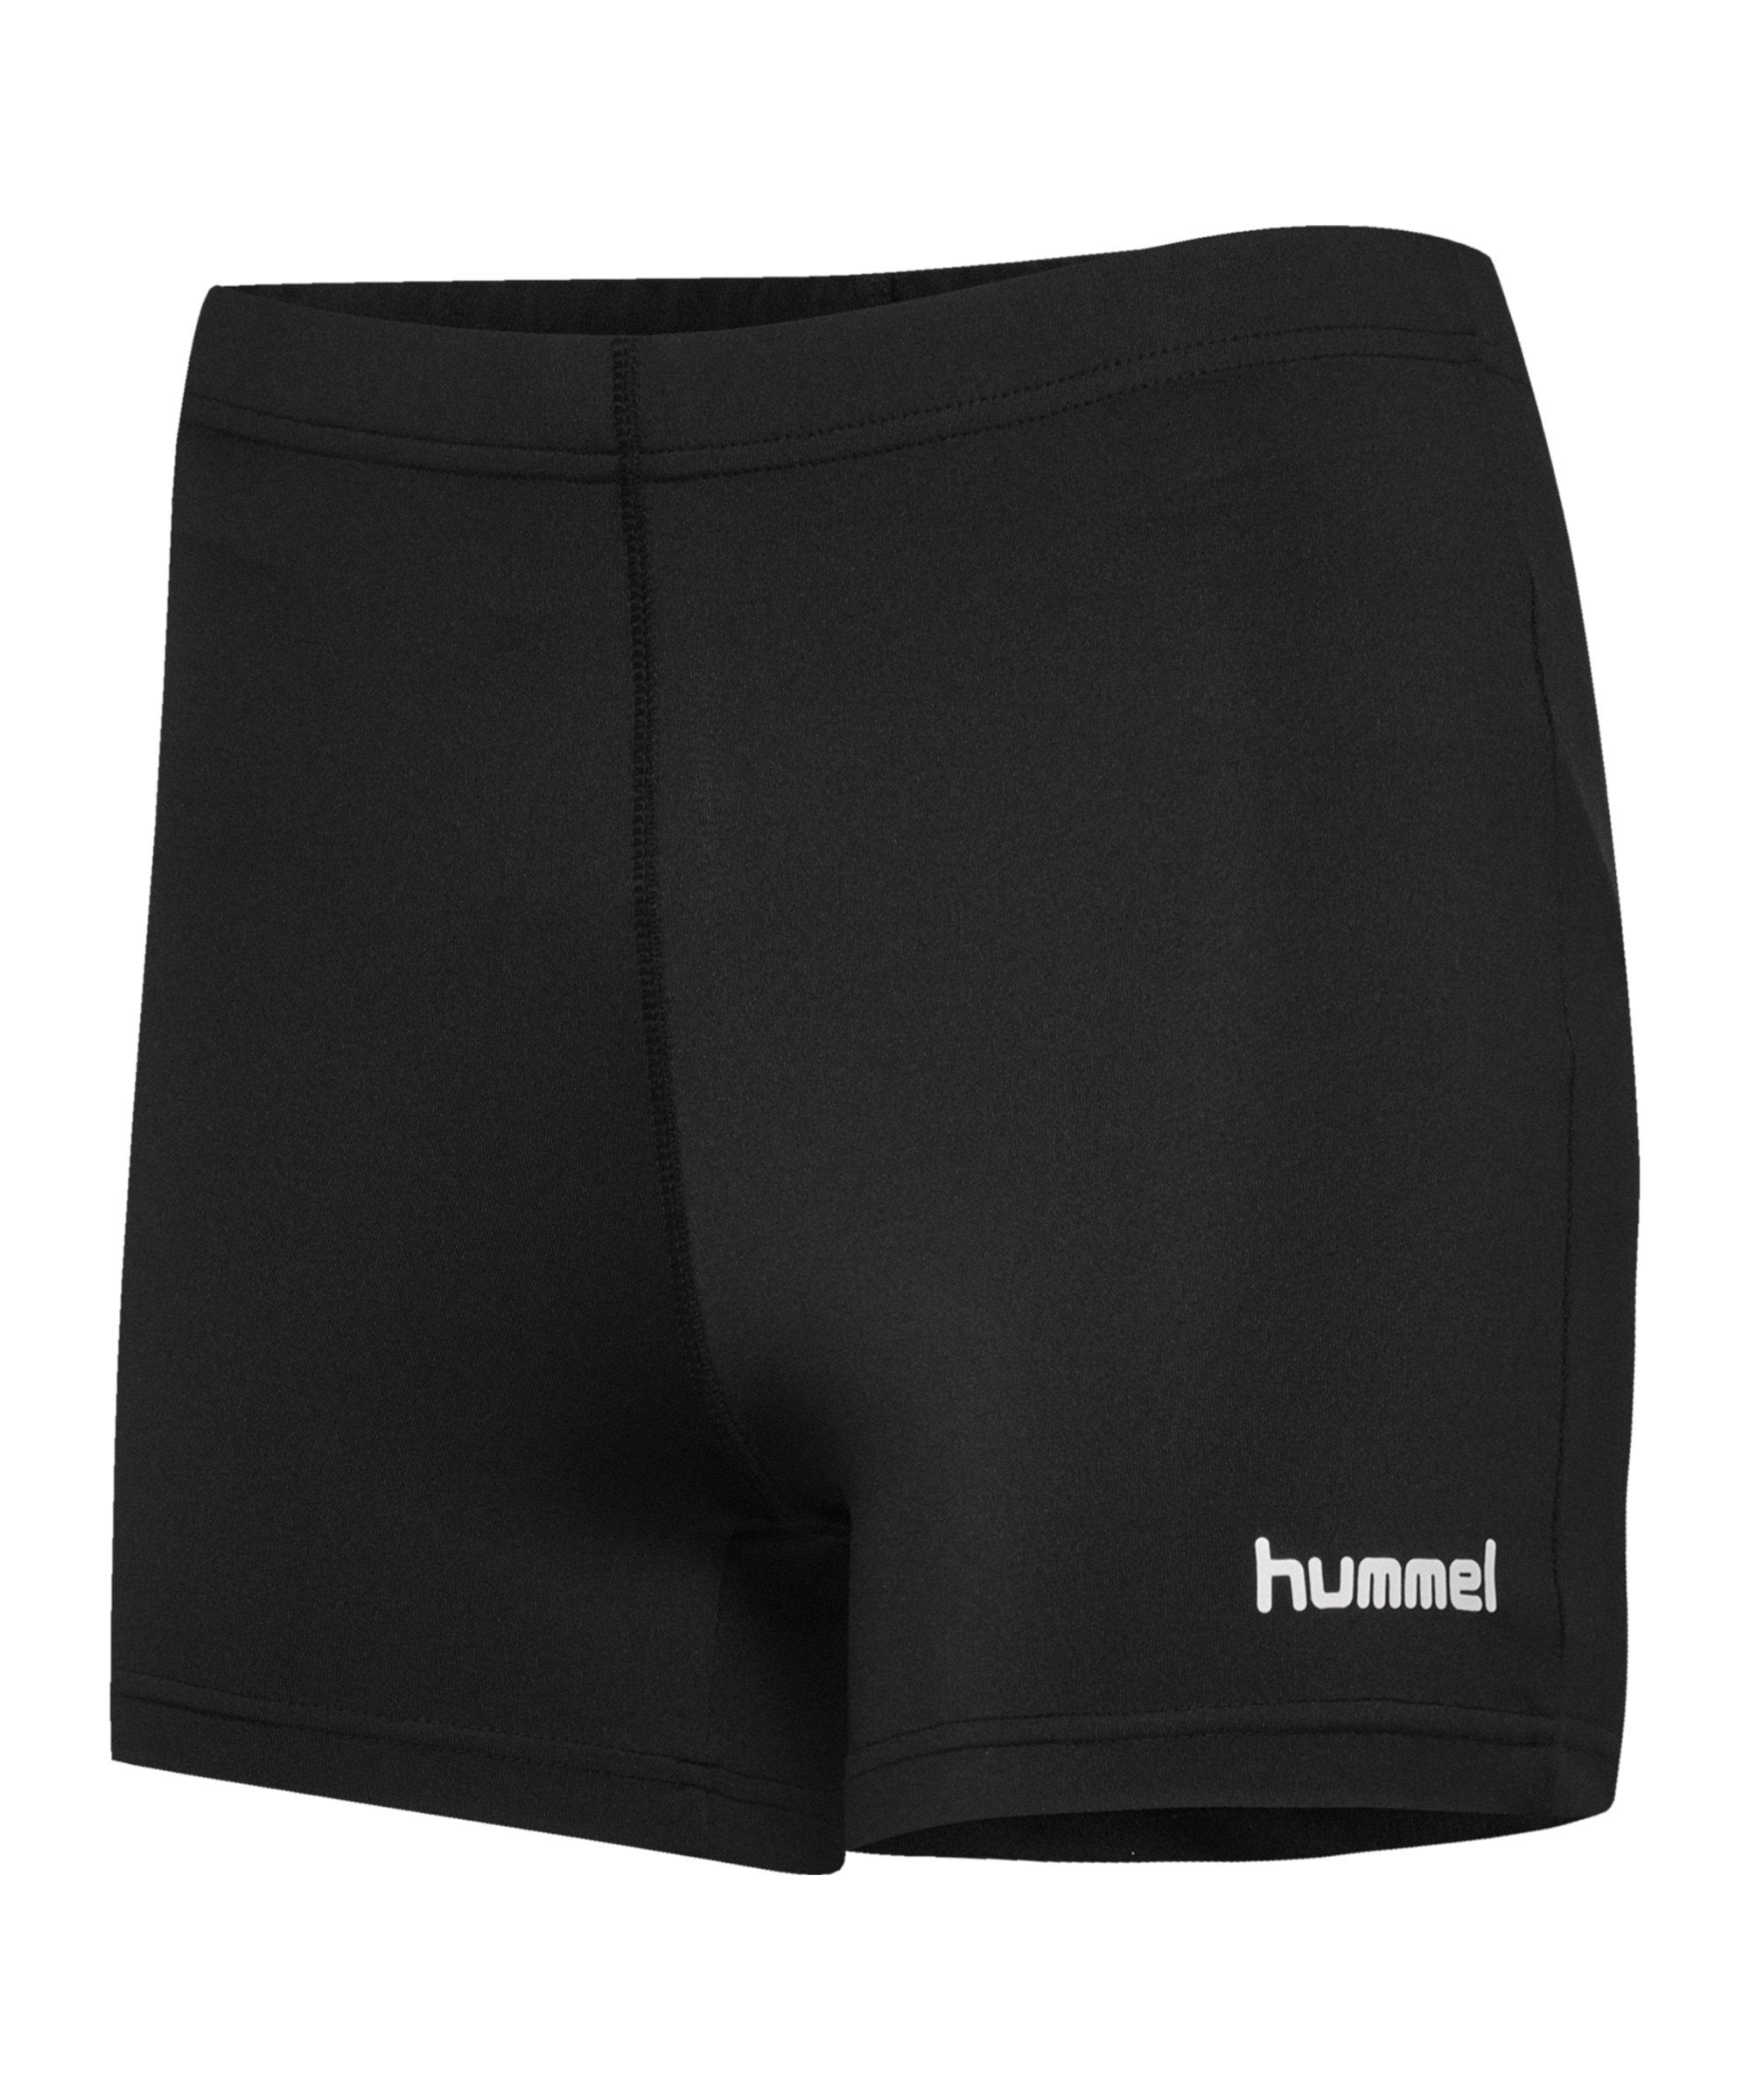 Hummel Core Hipster Seamless Leggings Damen F2001 - schwarz